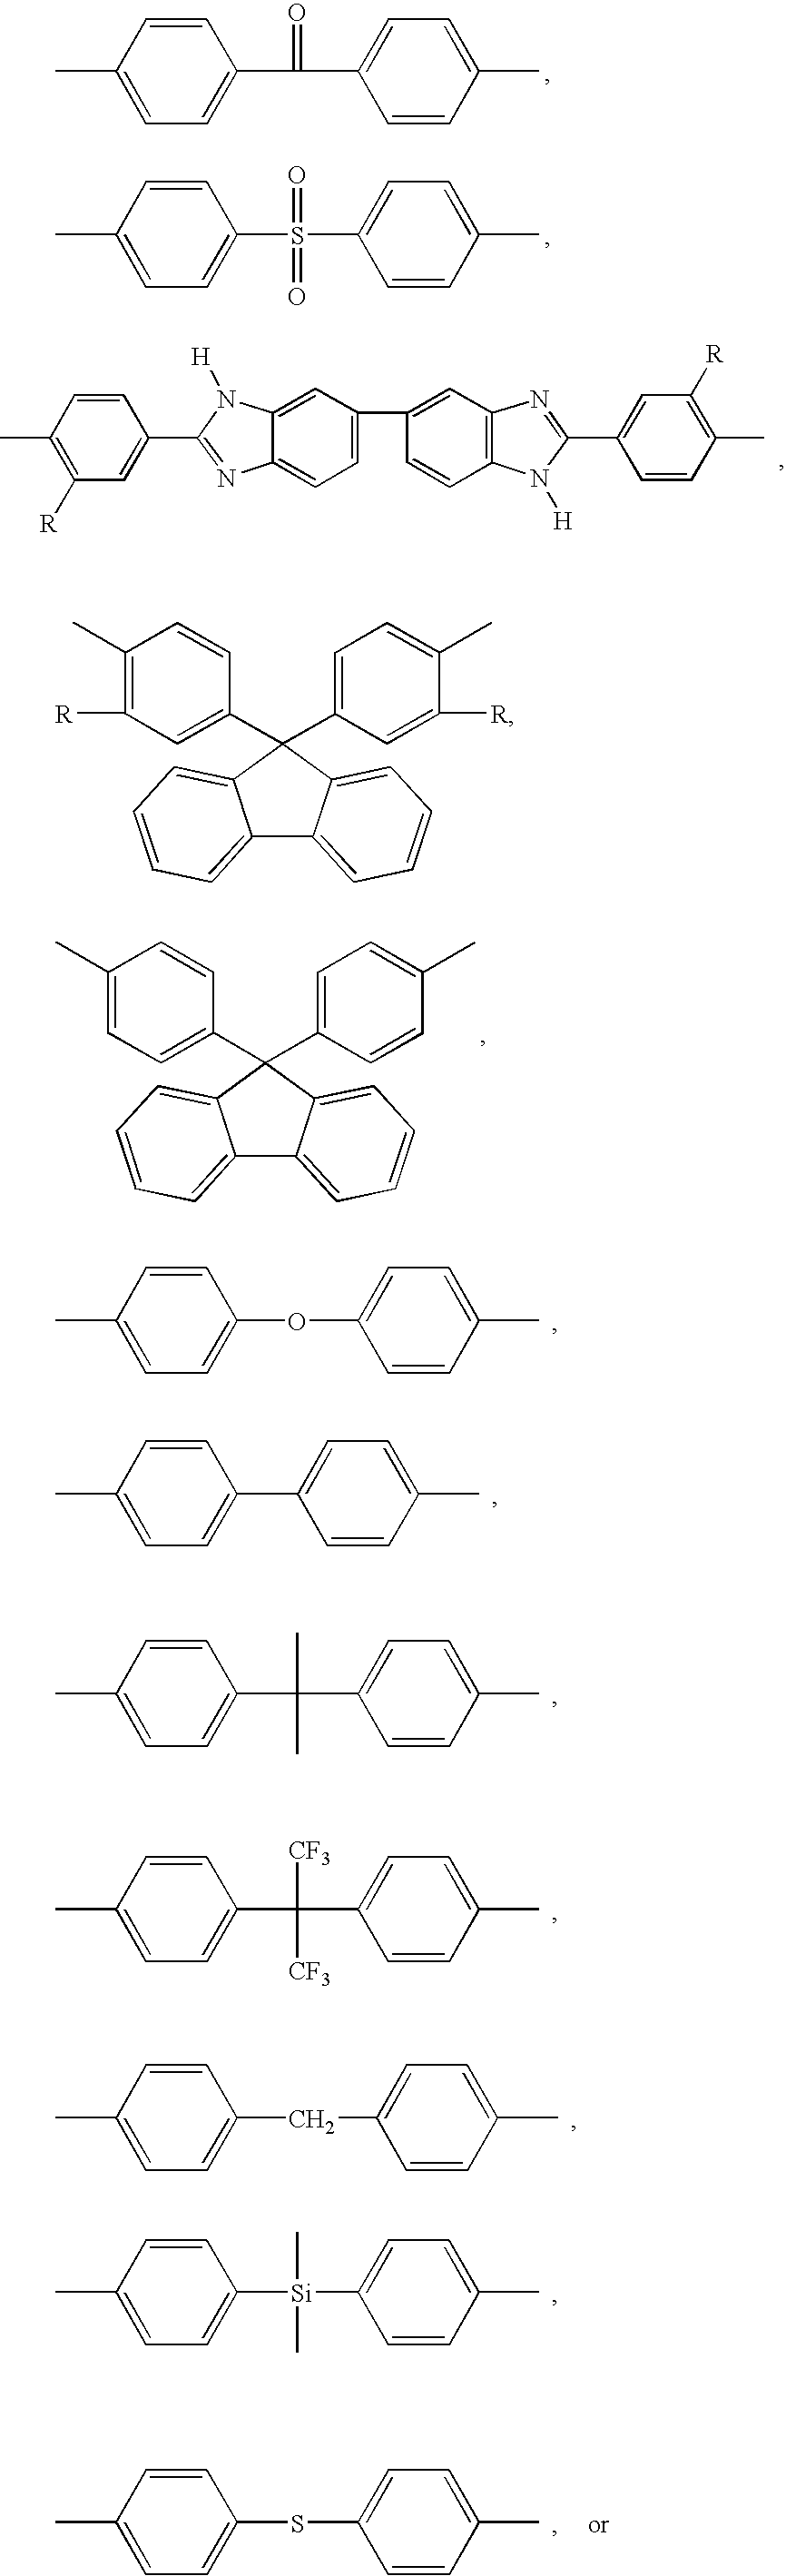 Figure US07807759-20101005-C00013